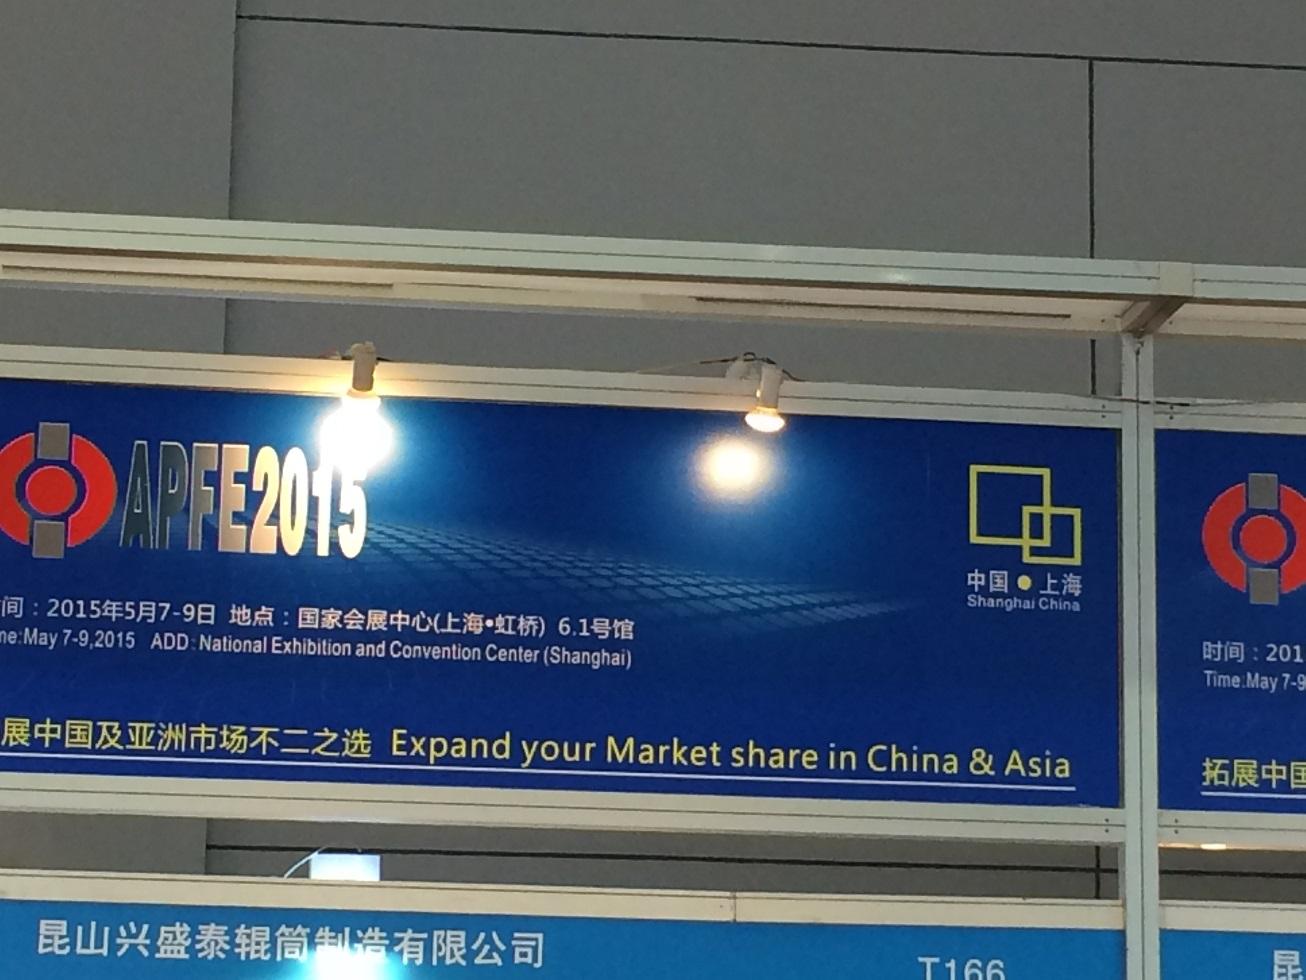 APFE Exhibition